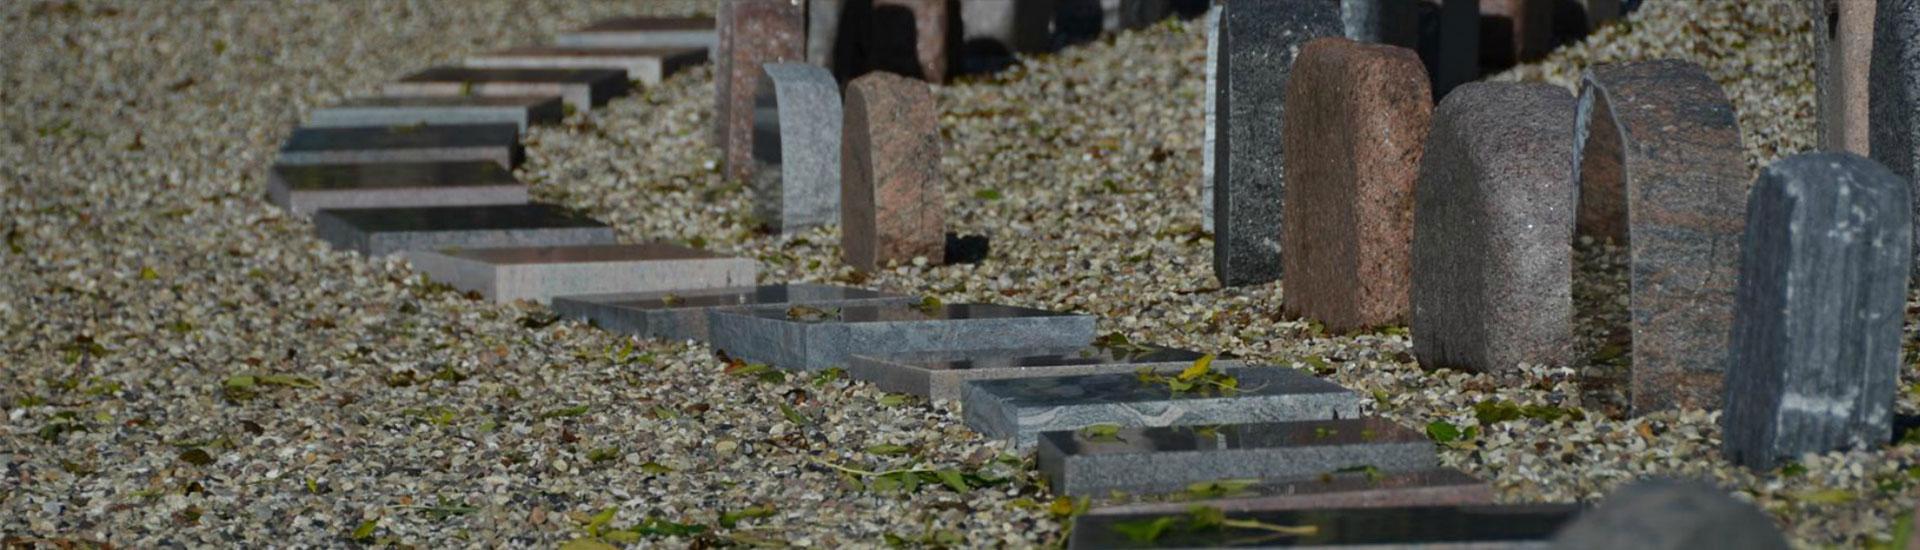 Billige gravsten i granit og natursten